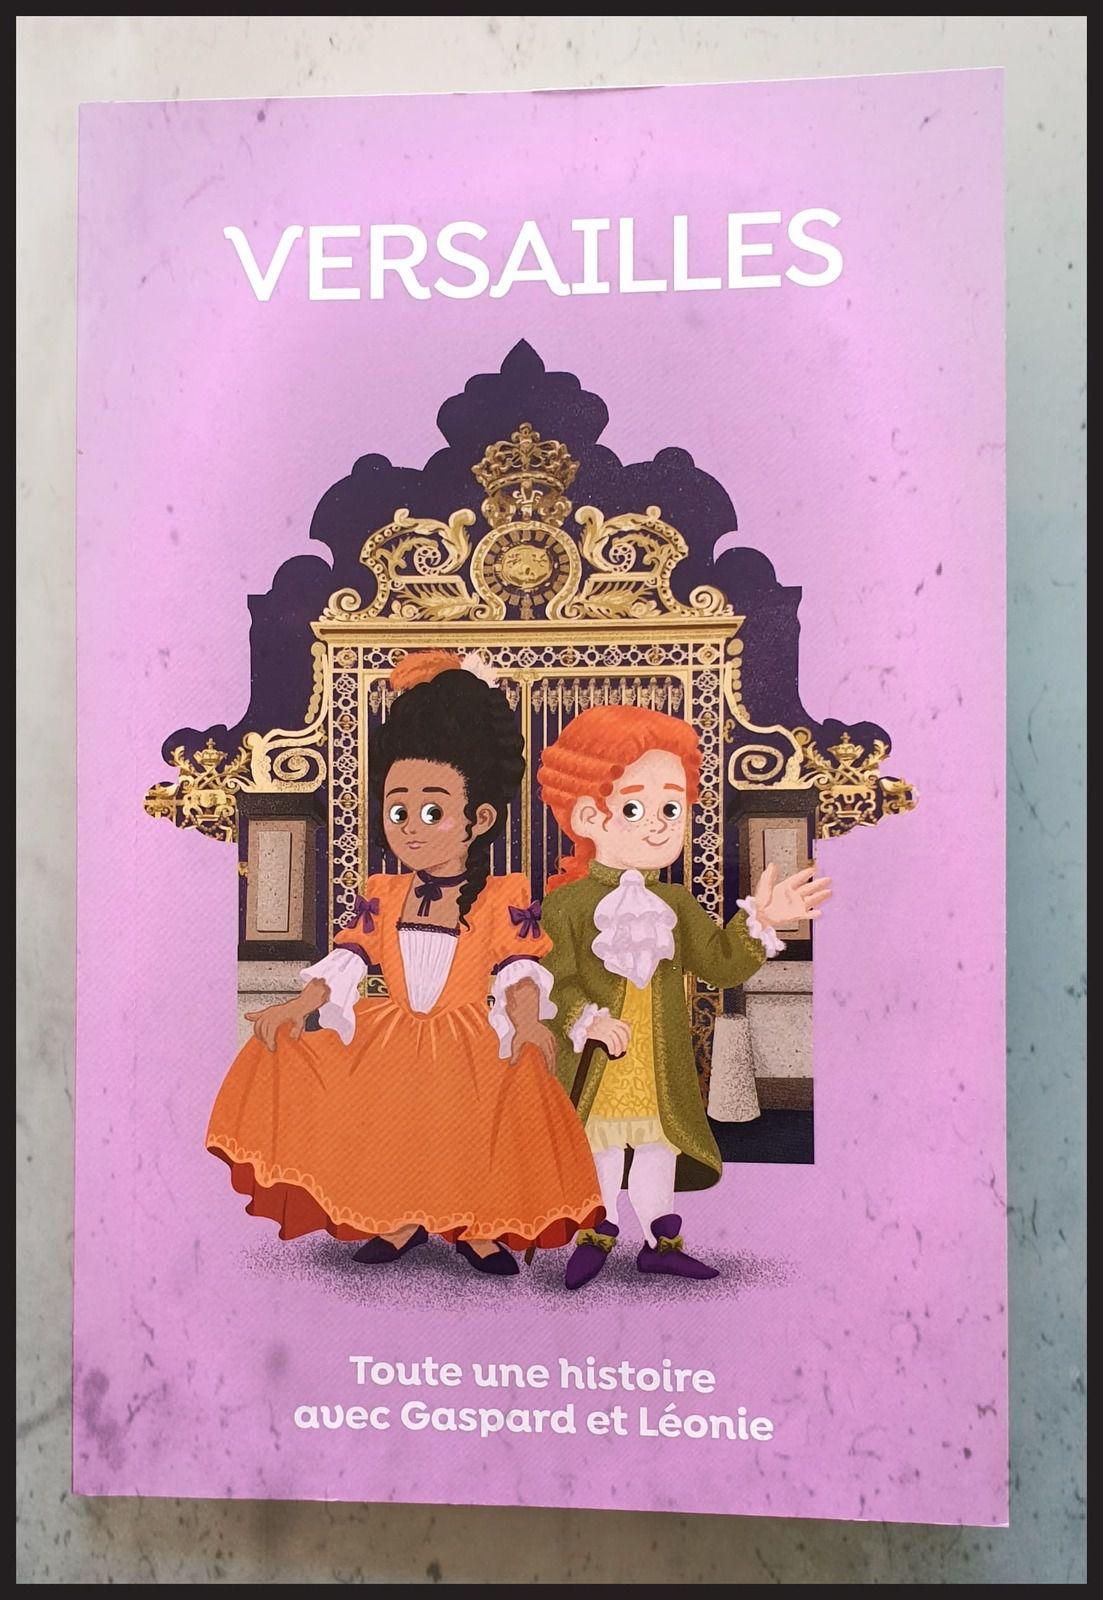 Nouveautés Ouest France : Versailles et La monnaie au temps des Chevaliers